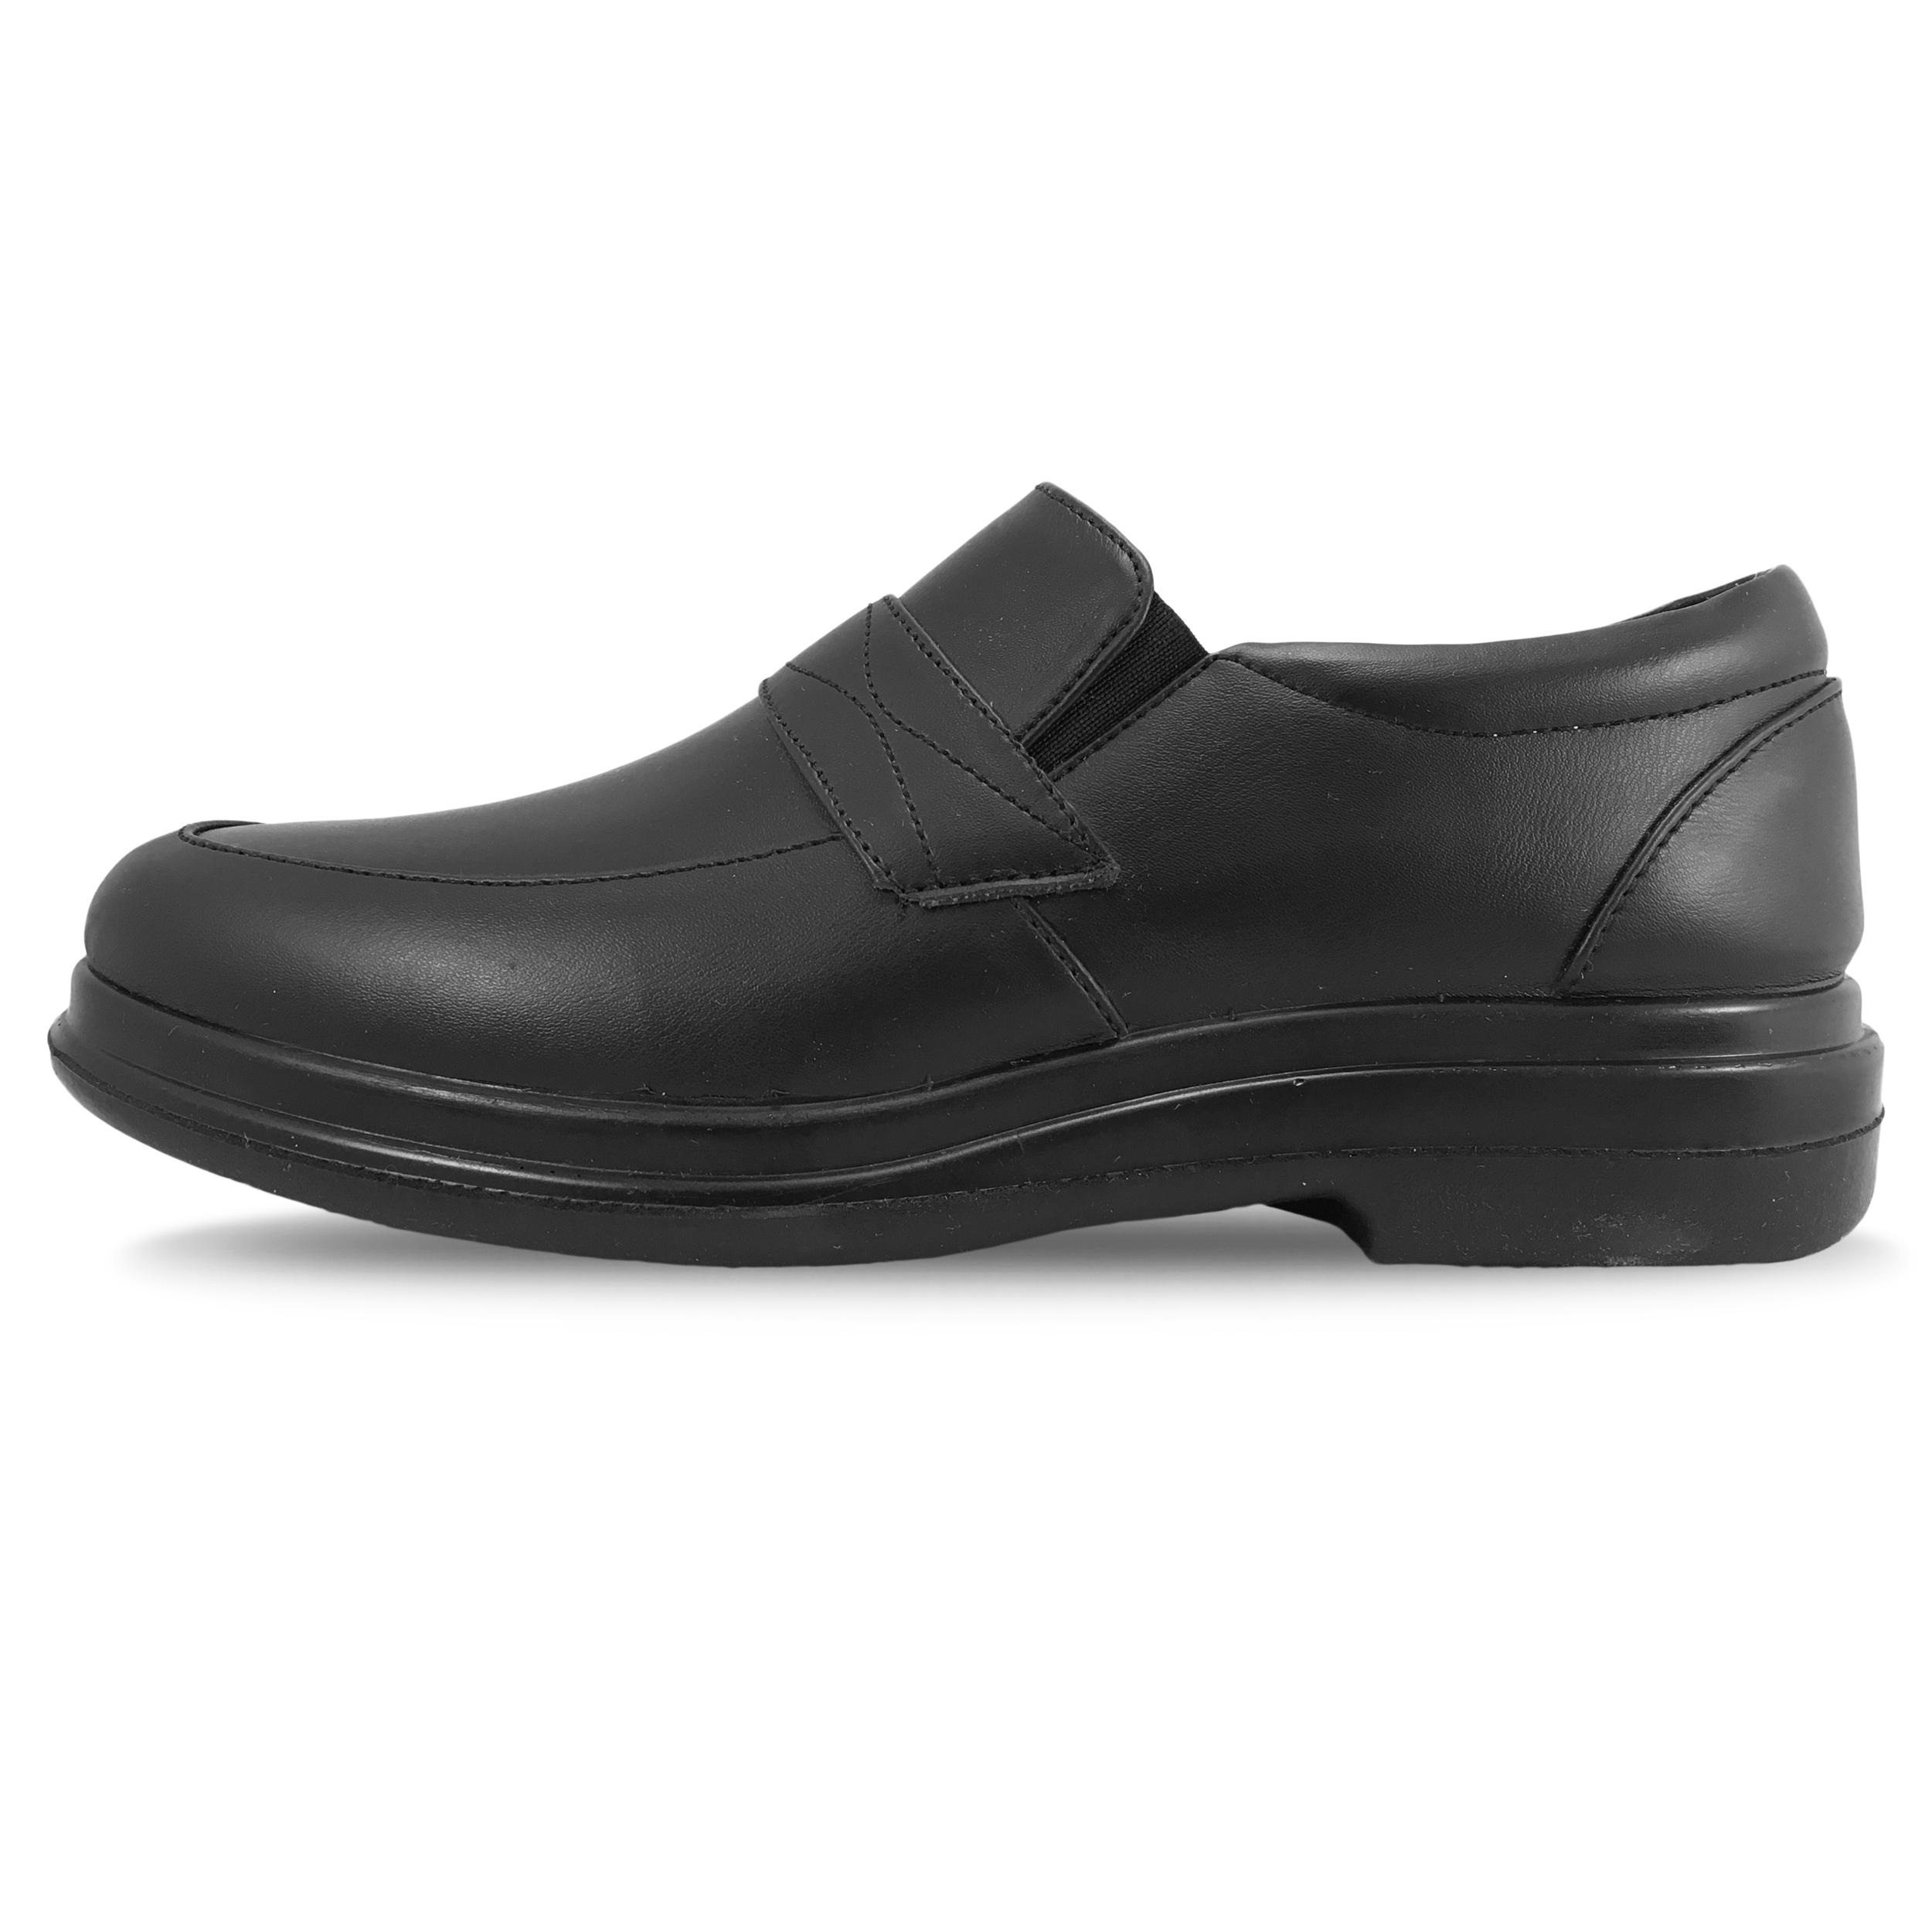 کفش مردانه الهام مدل سهیل کد B5446